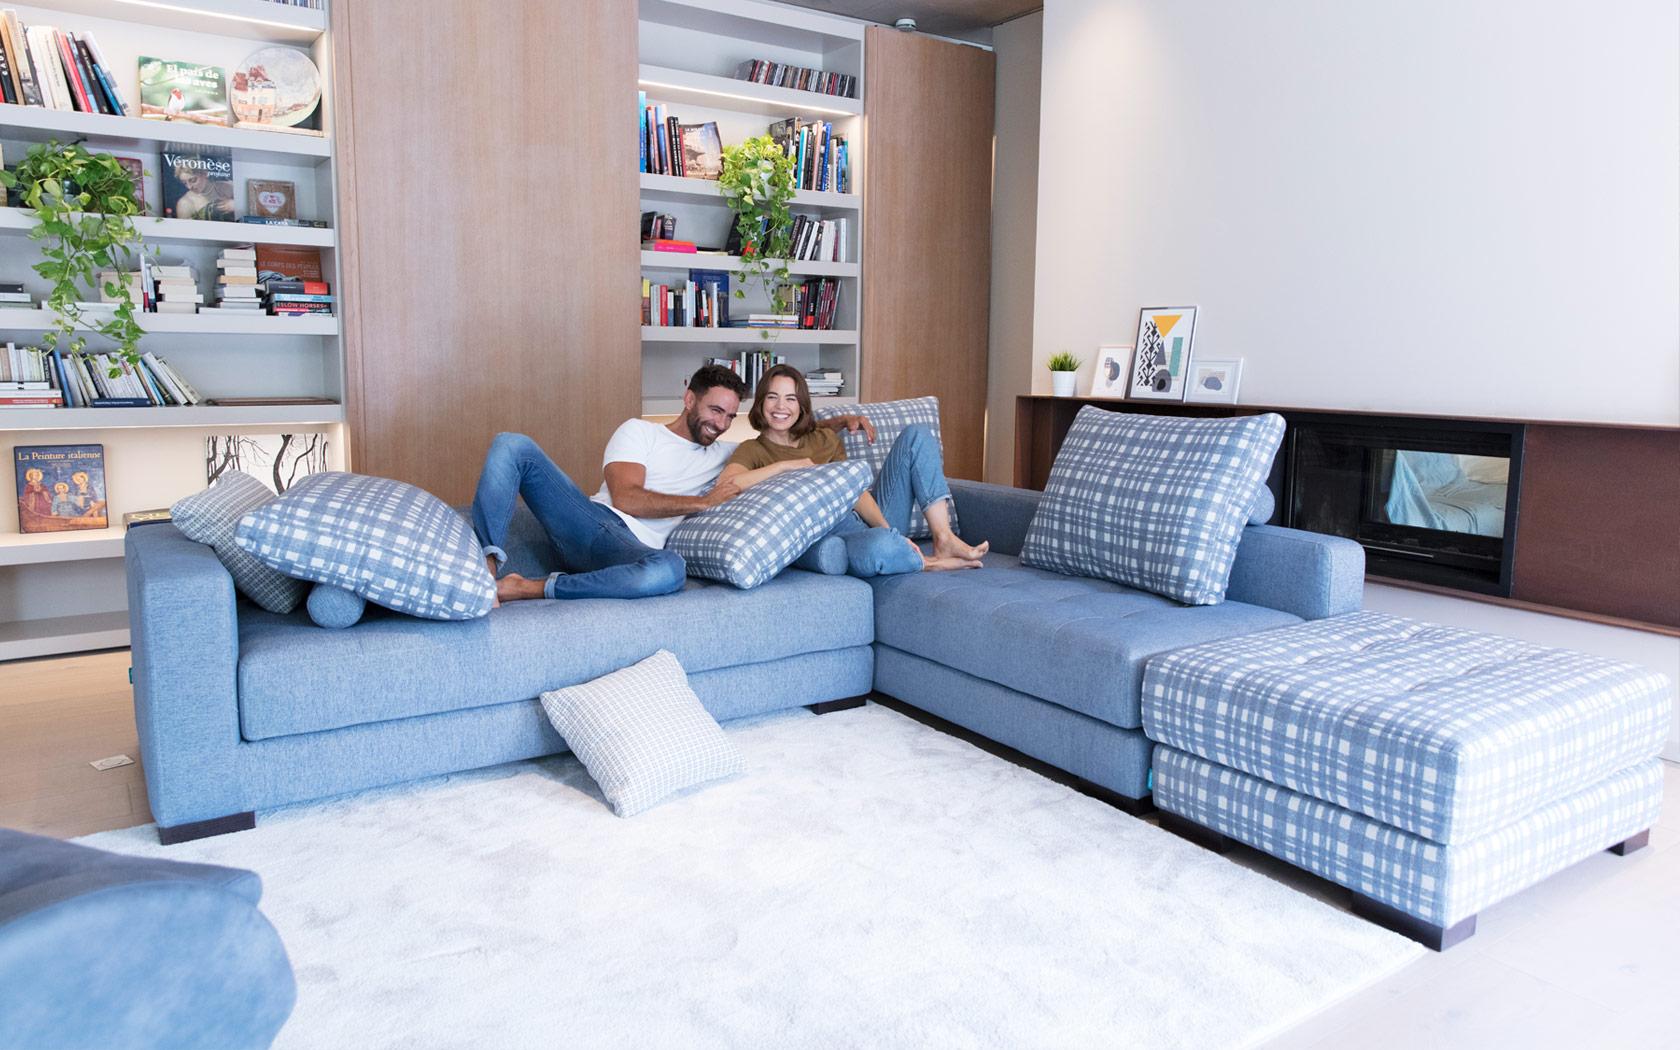 Manacor sofa Fama 2020 03